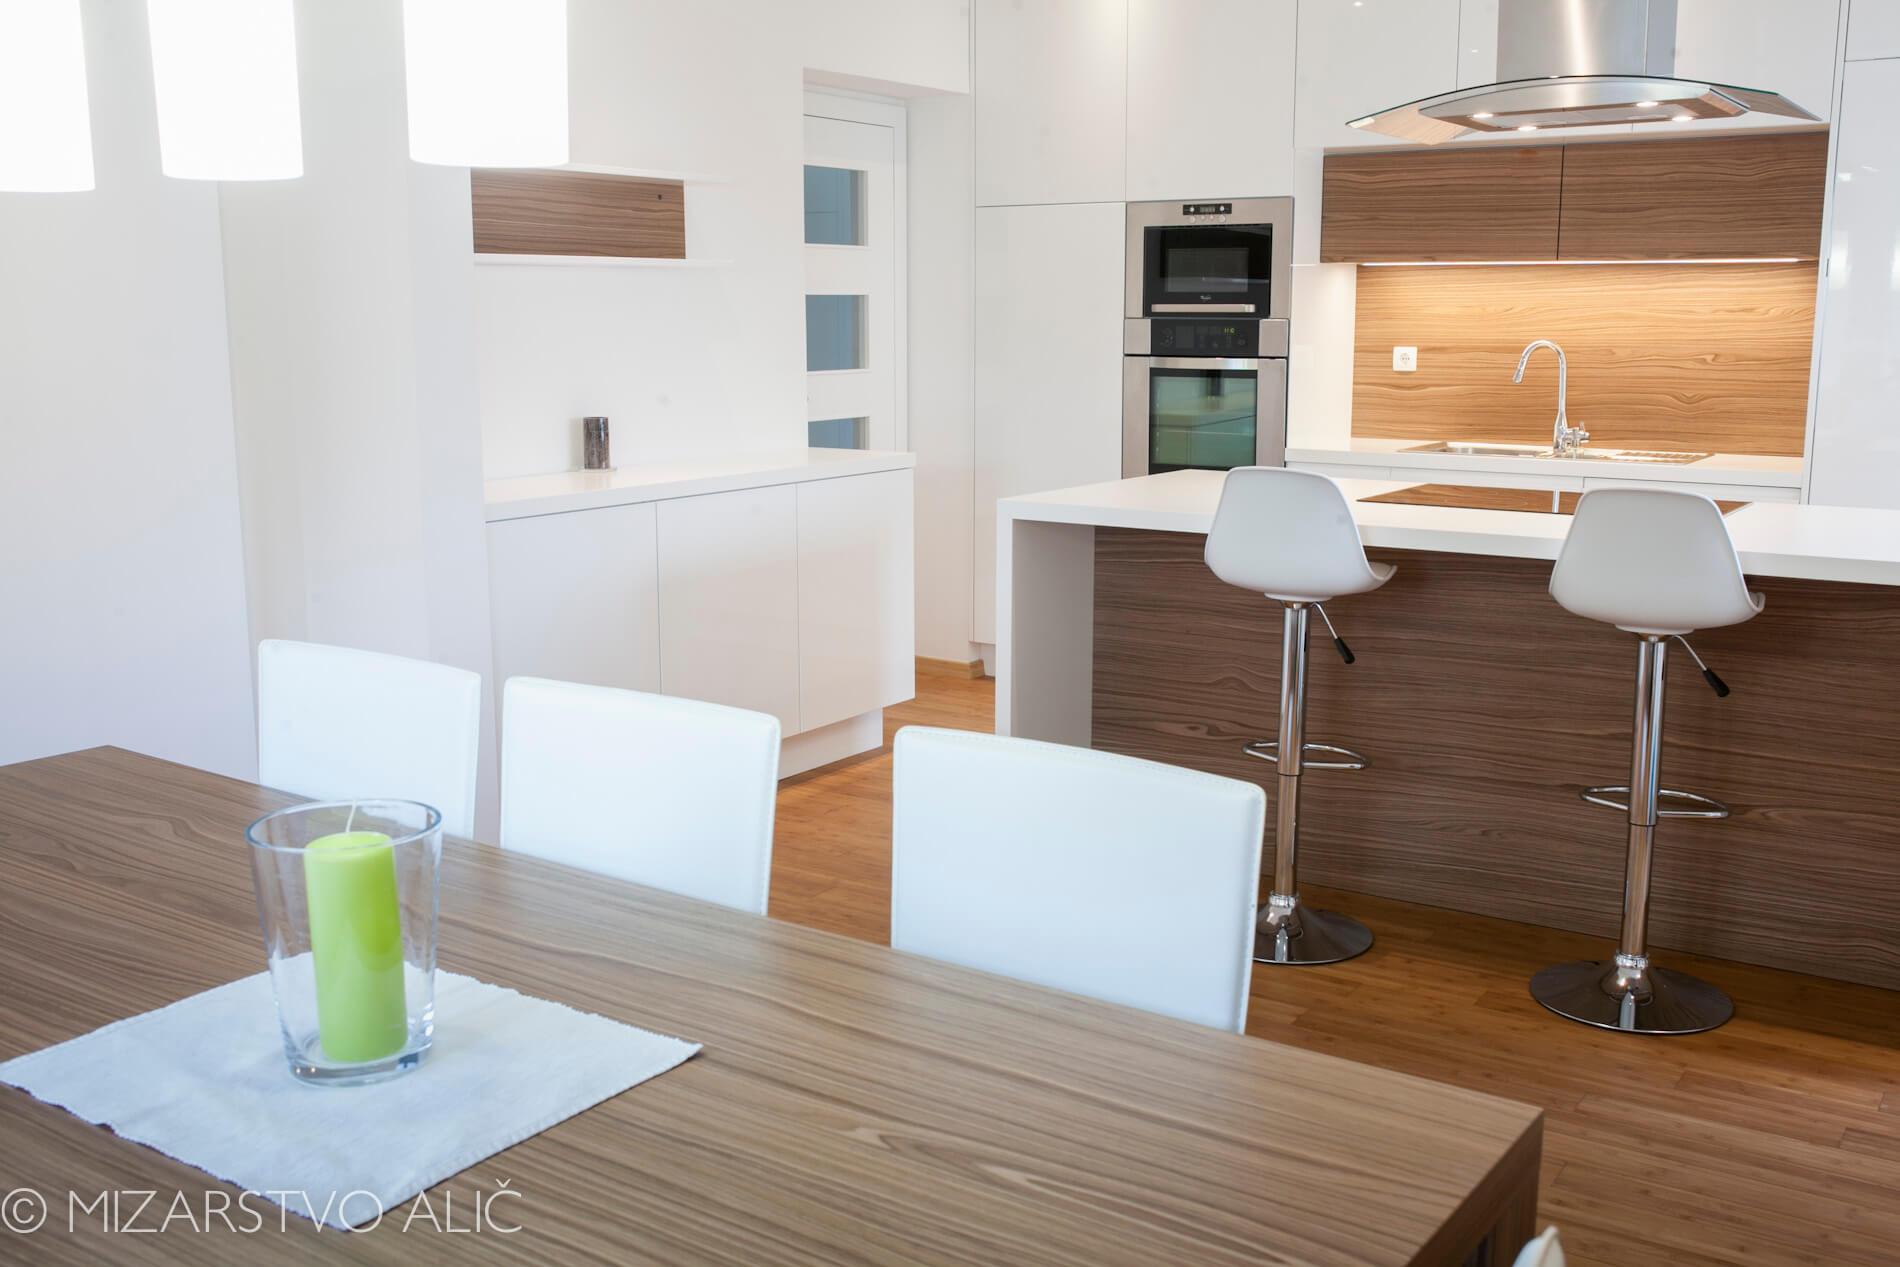 Pohištvo po meri za kuhinjo in jedilnico